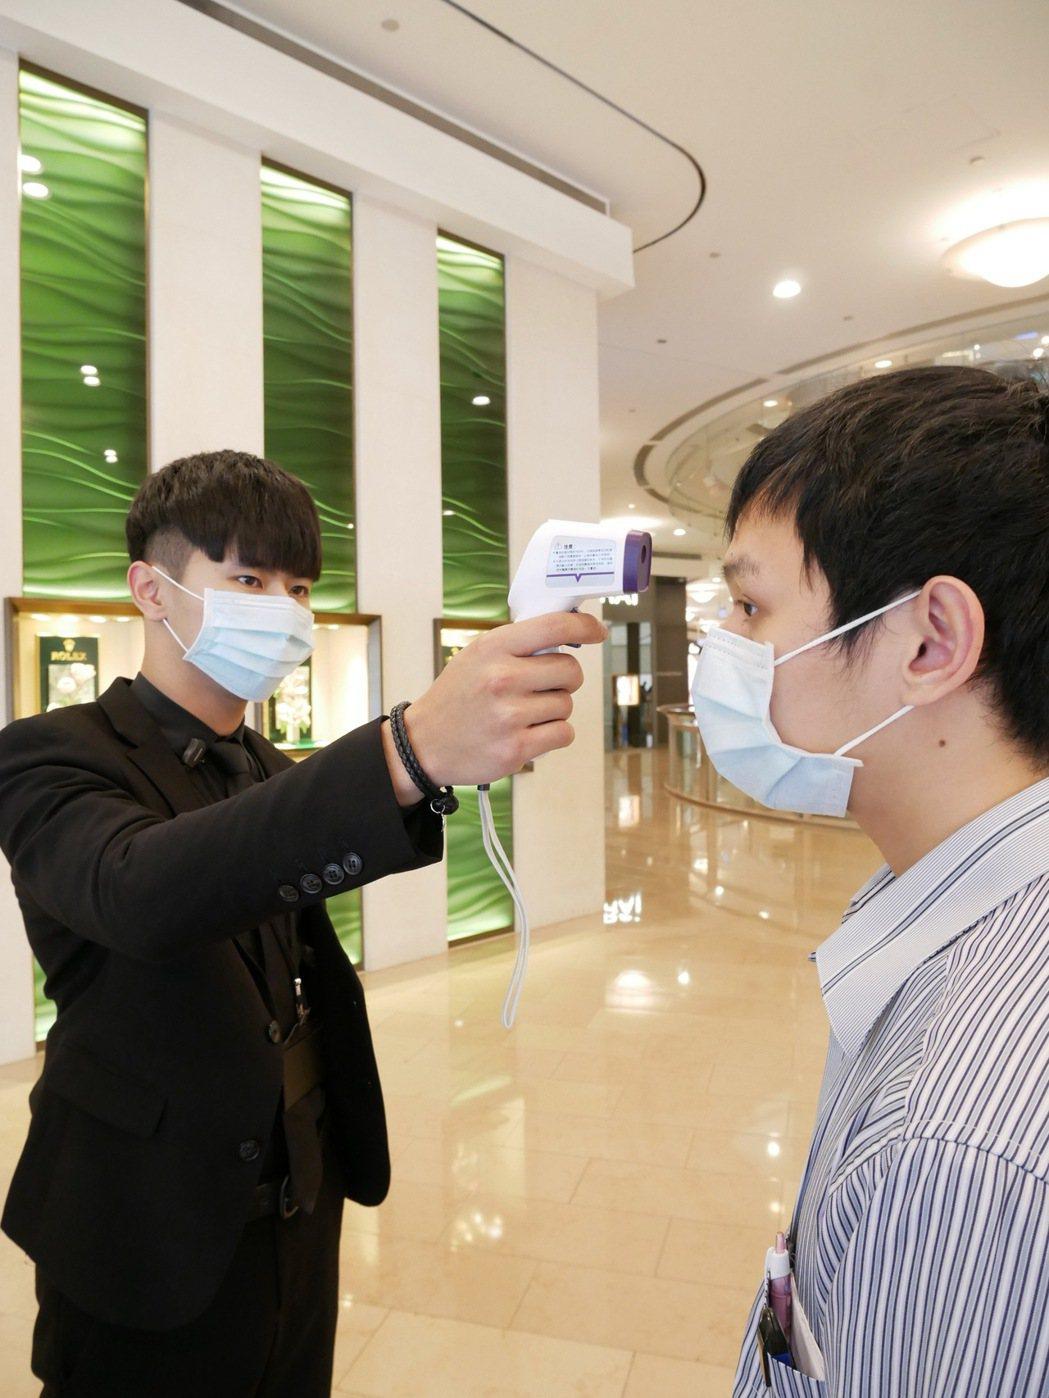 台北101將自28日起100%量體溫,凡體溫超過37.5的顧客或工作人員,一律勸...